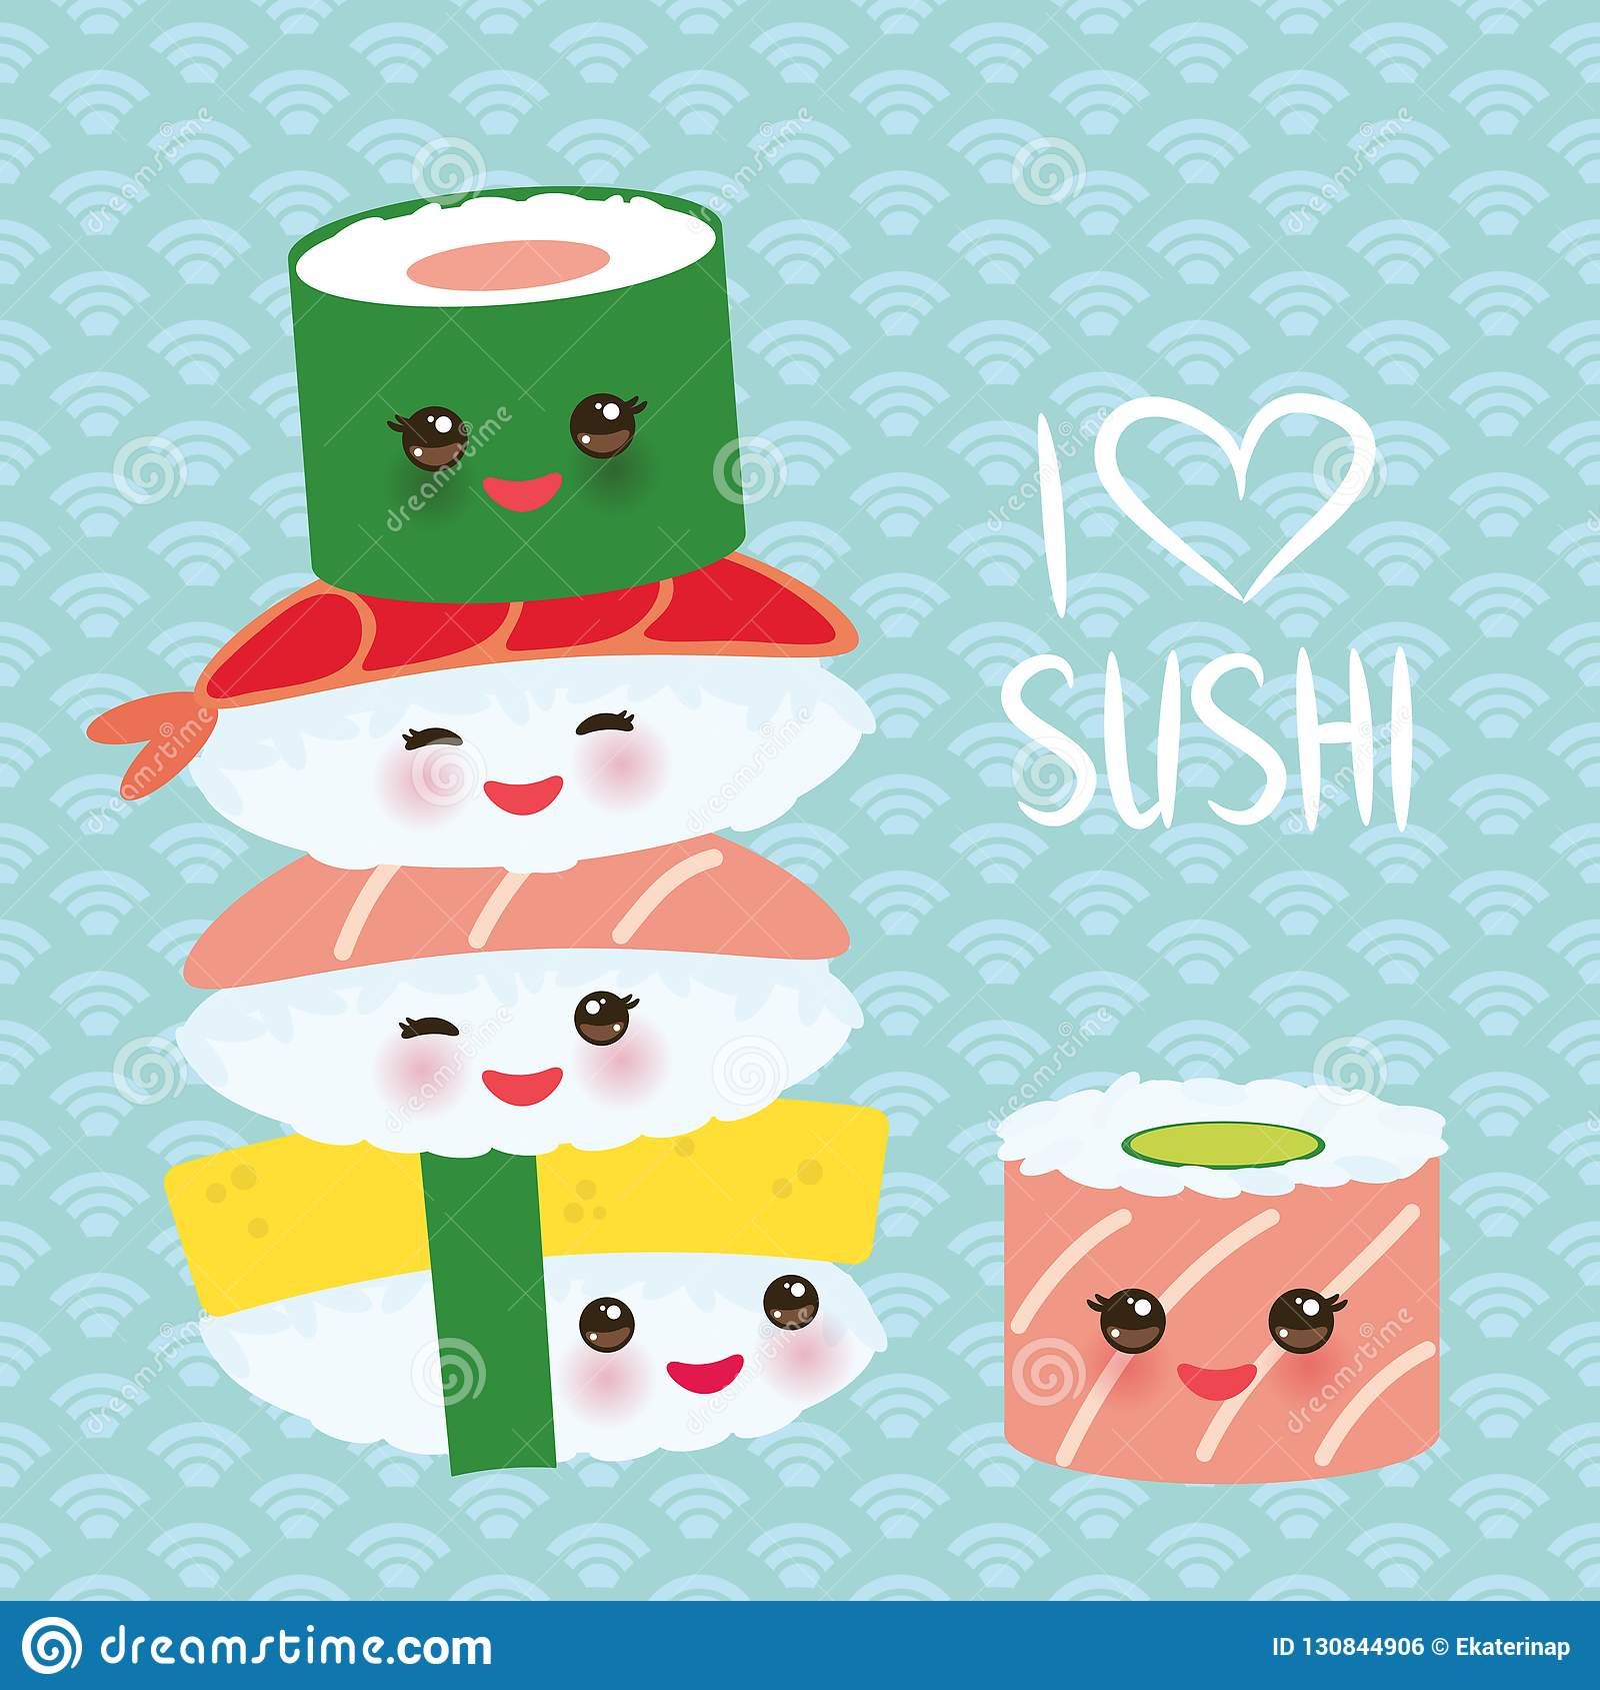 Ik houd van sushi Kawaii grappige die sushi met roze wangen en grote ogen, emoji worden geplaatst Blauwe achtergrond met Japans c